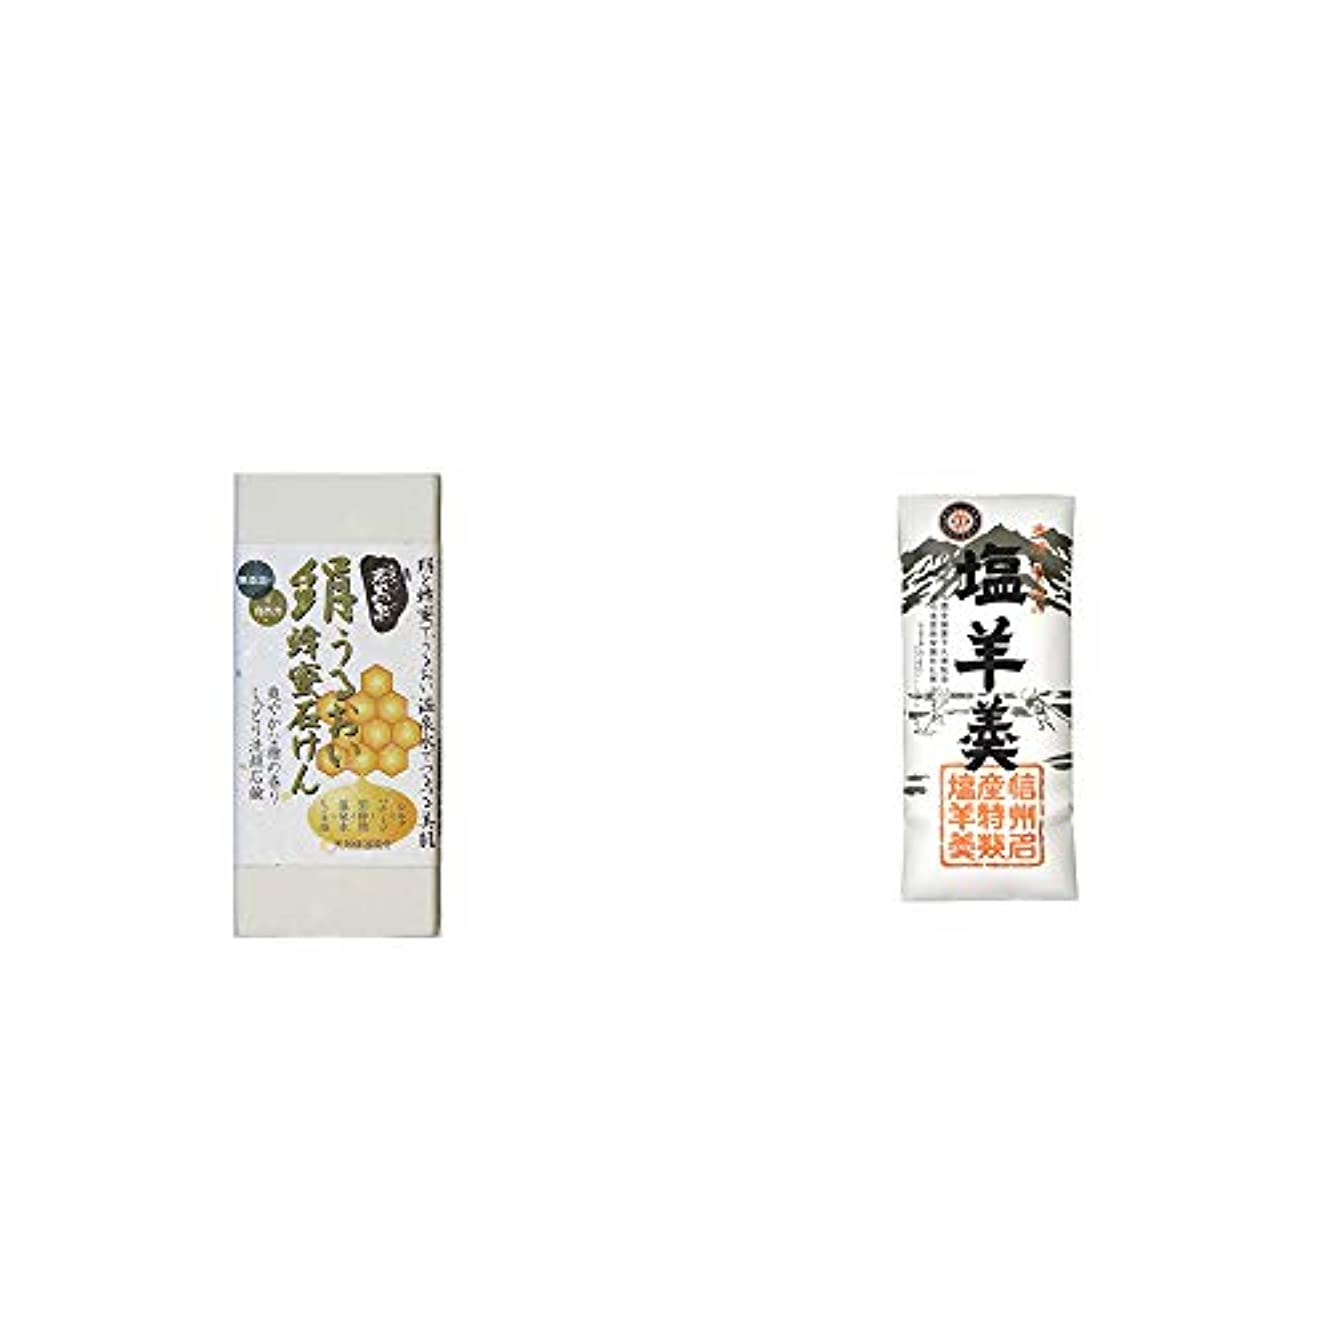 収益リラックス追放[2点セット] ひのき炭黒泉 絹うるおい蜂蜜石けん(75g×2)?栗田の塩羊羹(160g)